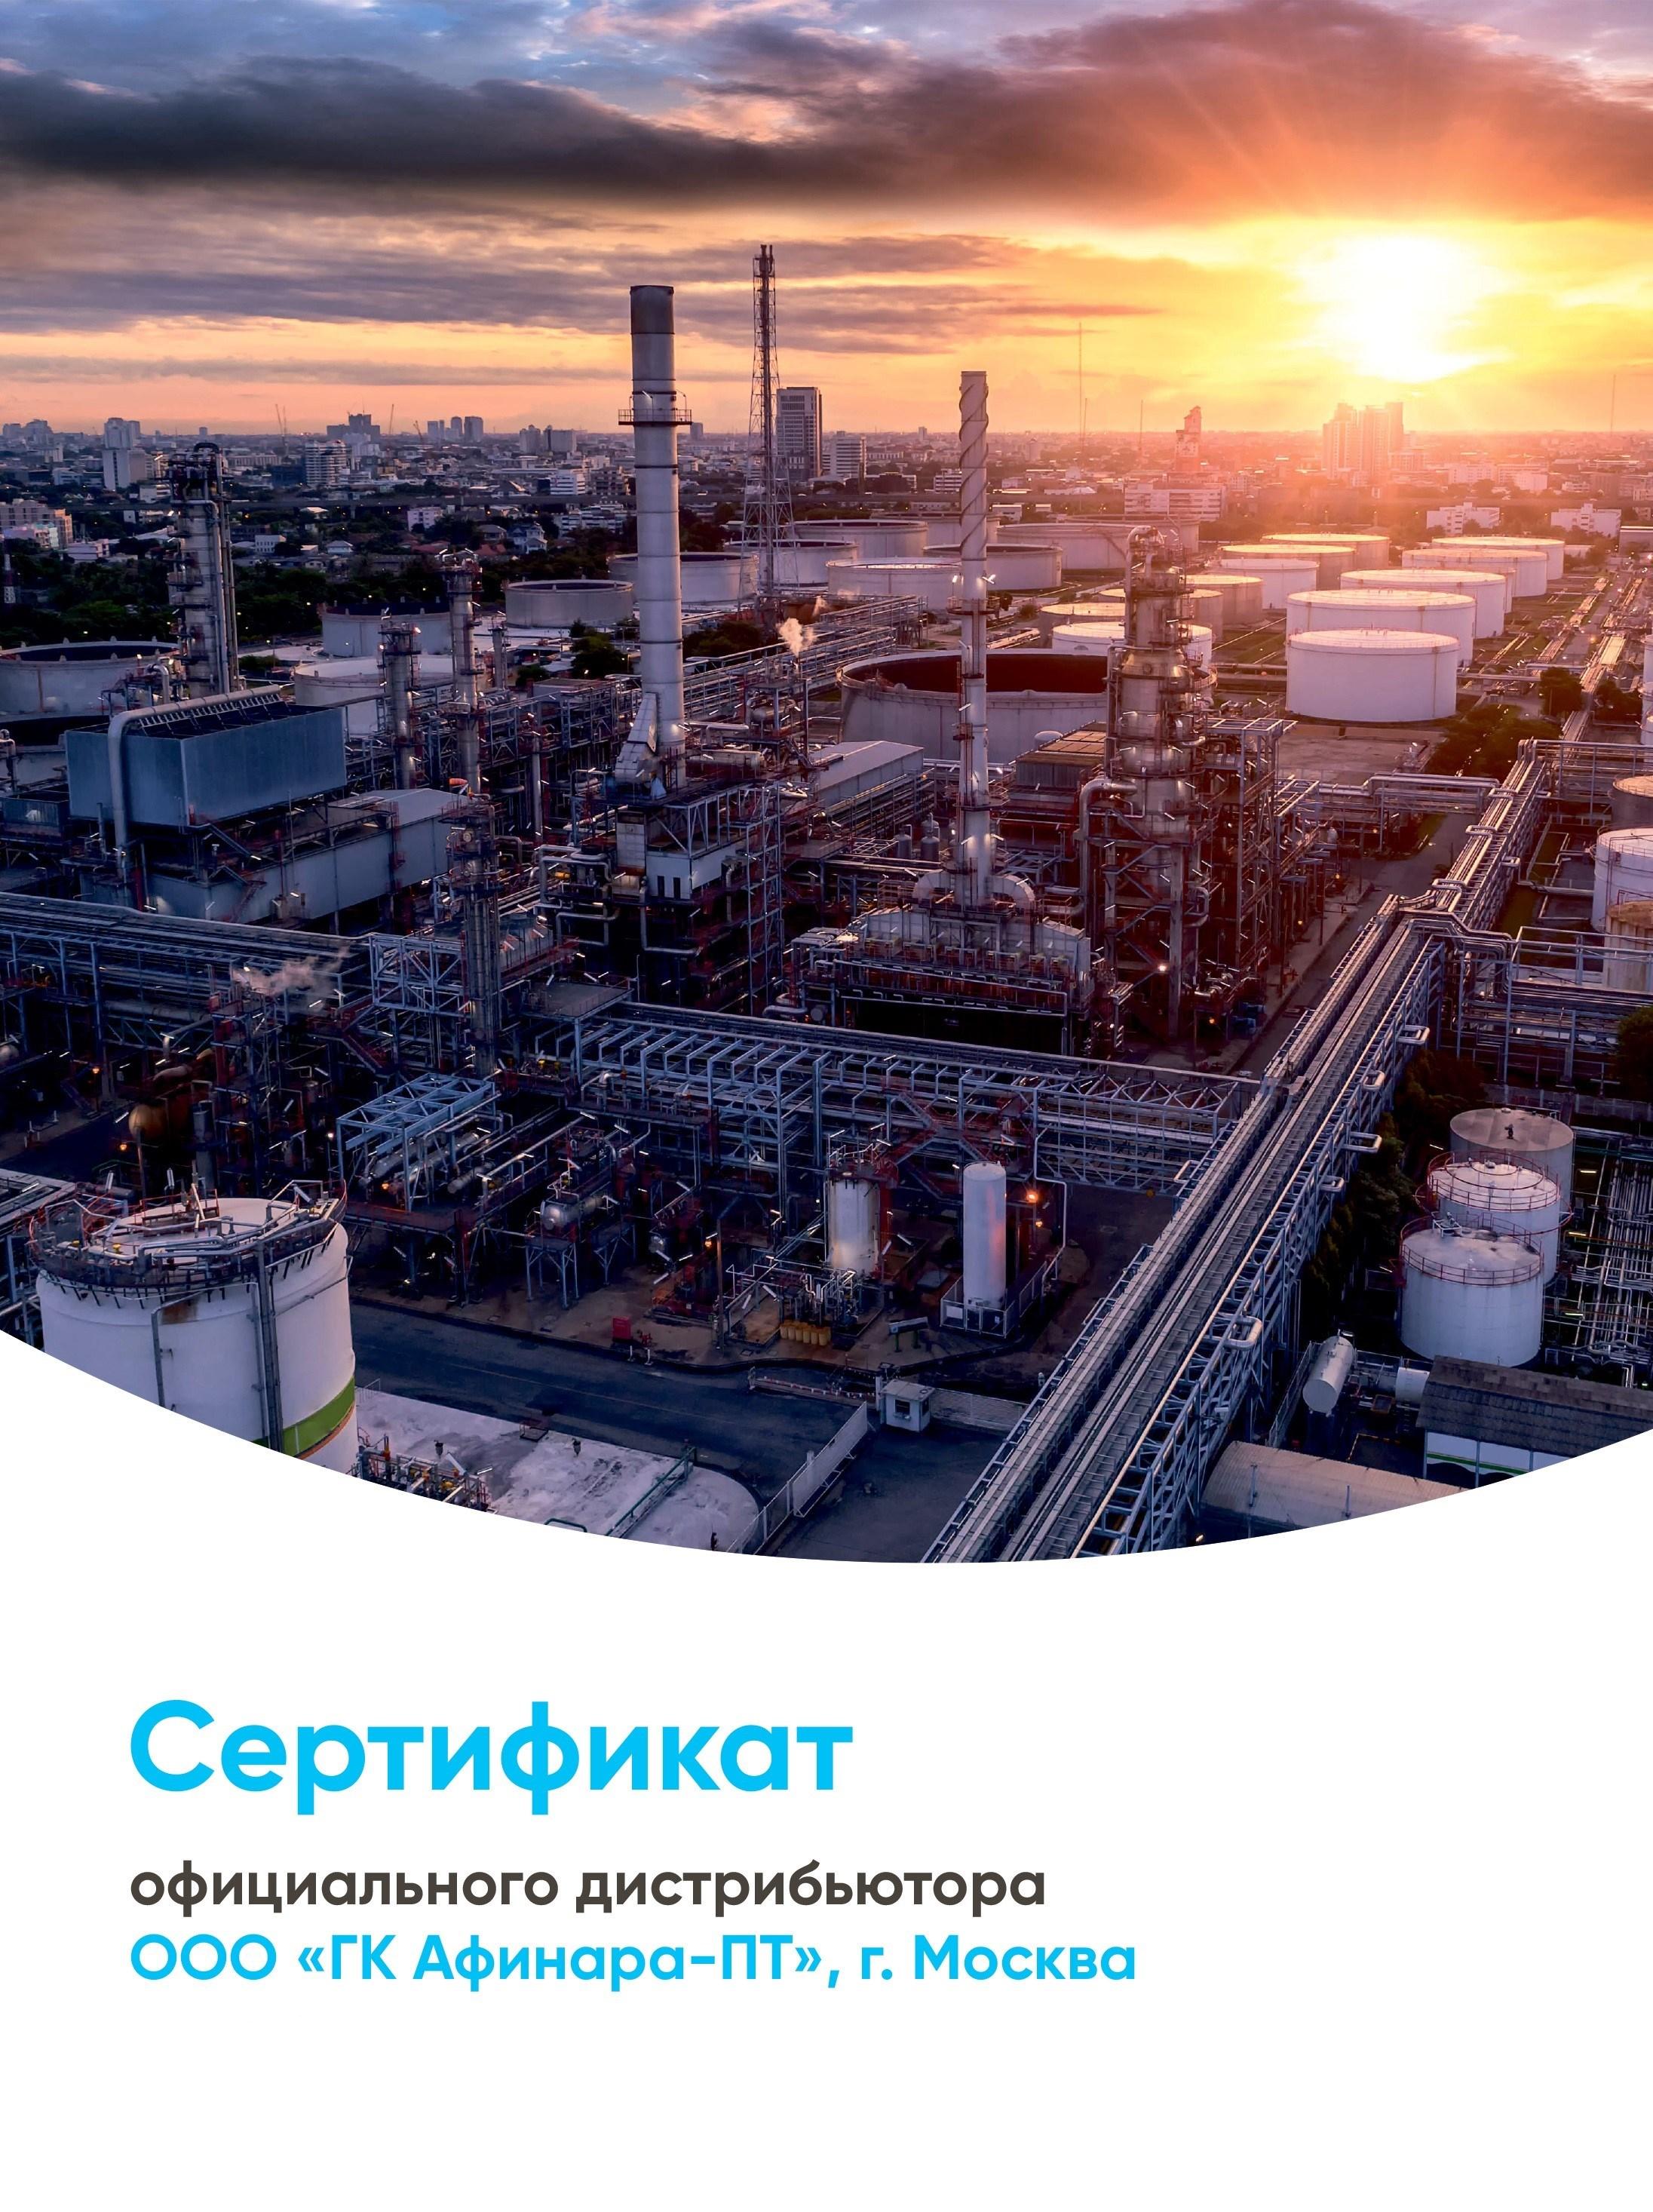 Сертификат официального дистрибьютора, 2021 г.